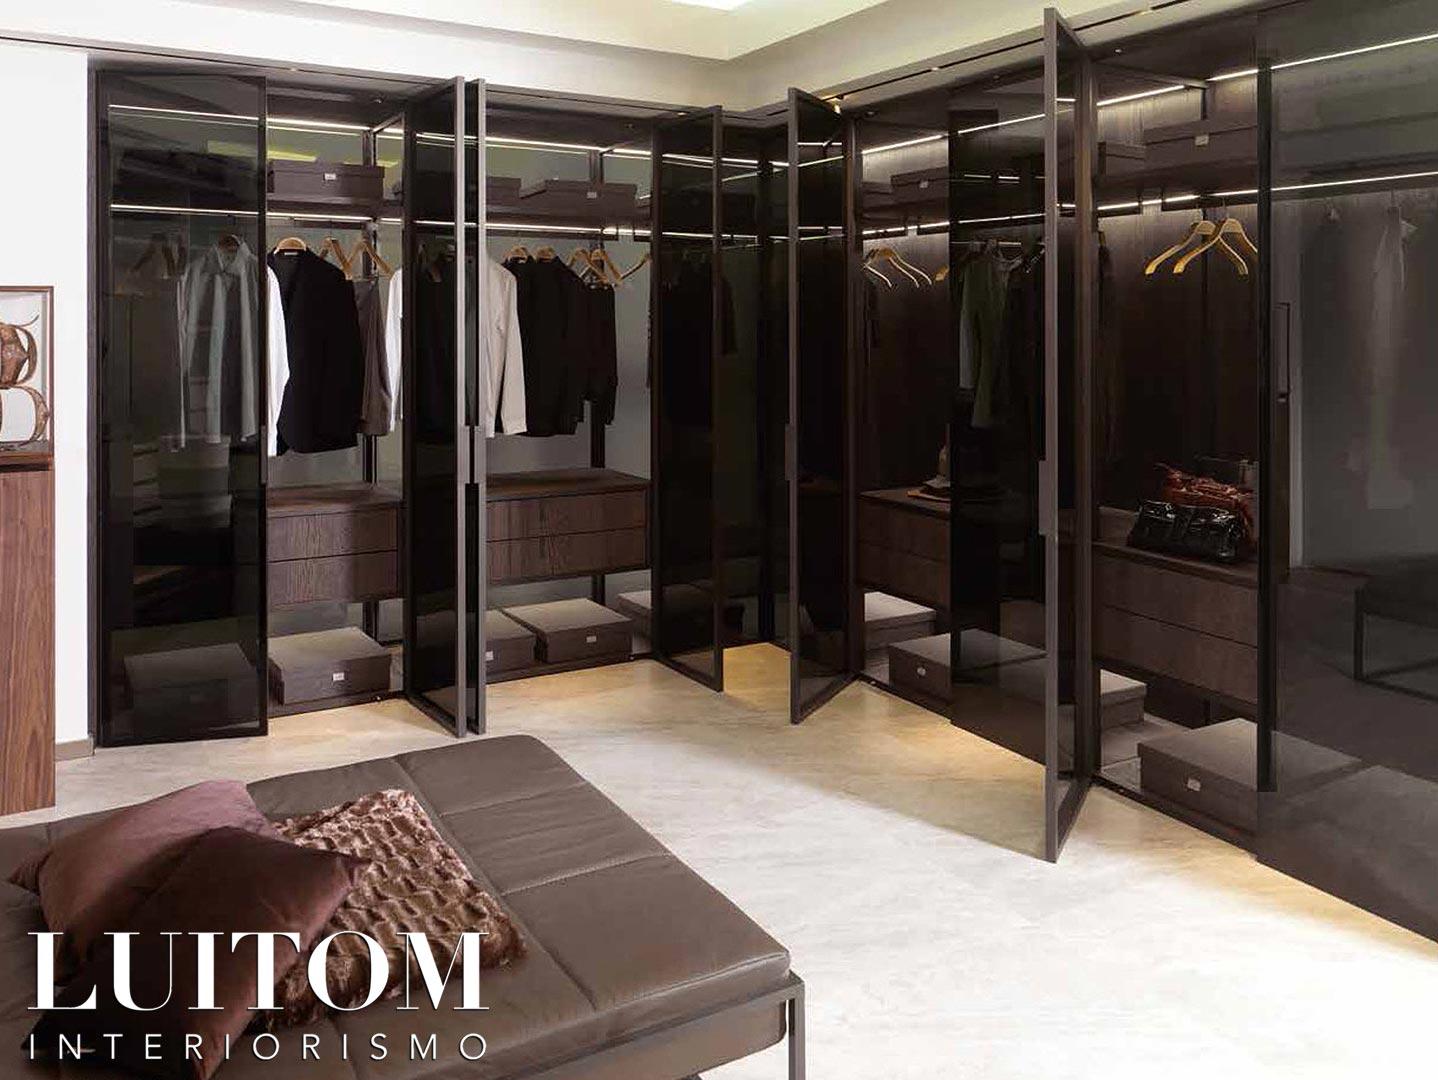 armarios-vestidores-con-puertas-de-cristal-decoracion-interior-ideas-almacenamiento-ropa